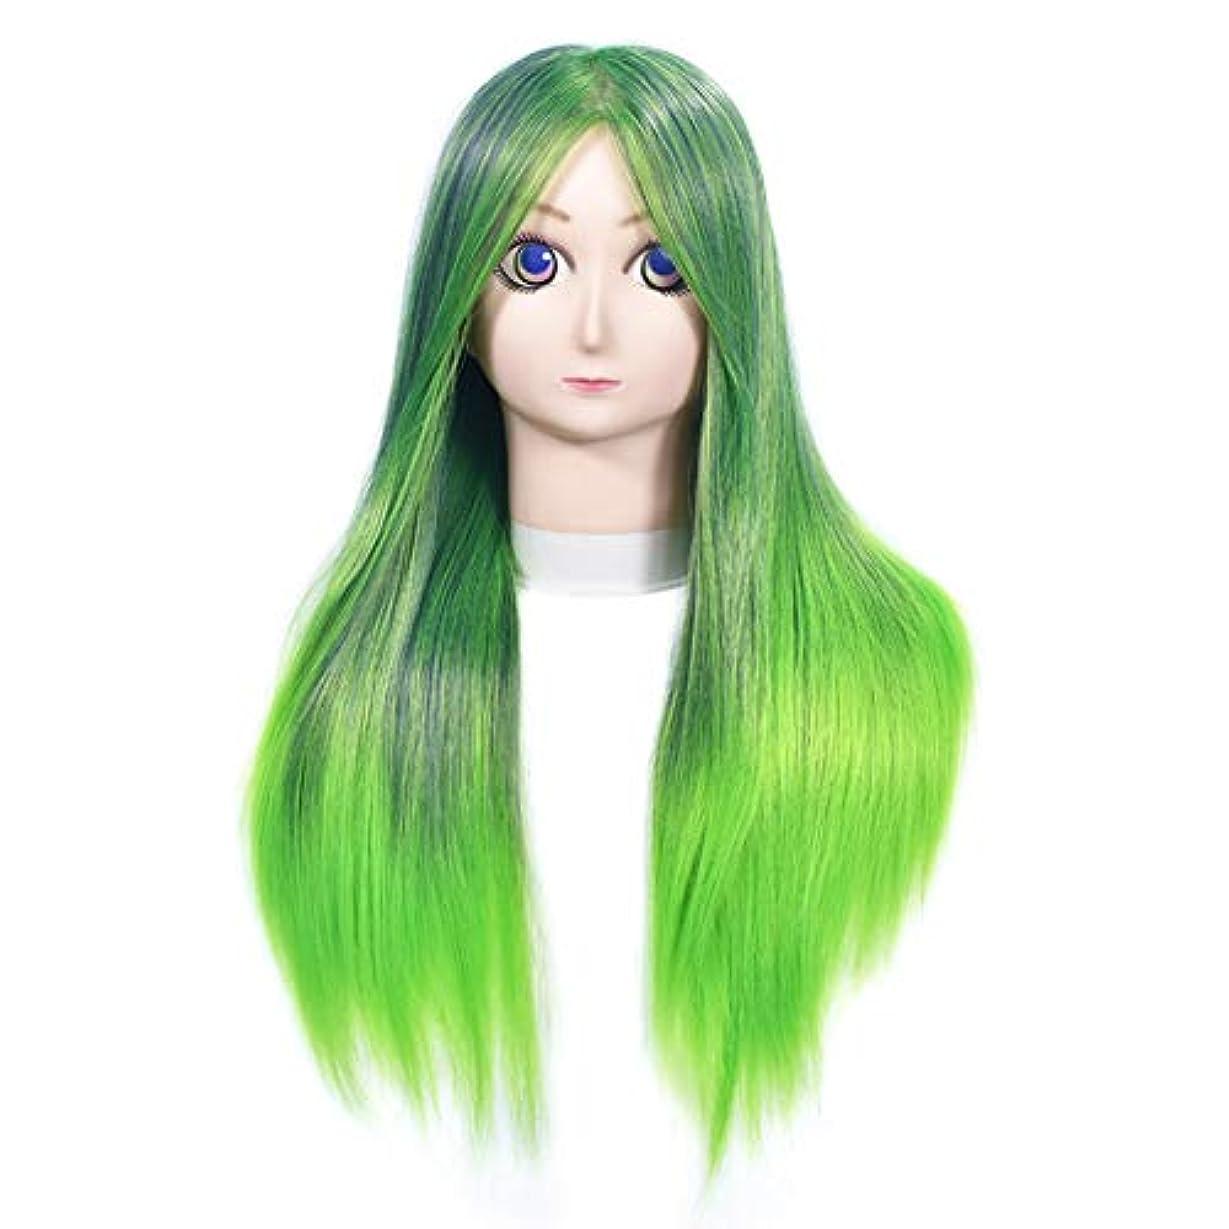 防腐剤政府レガシー高温シルクヘアスタイリングモデルヘッド女性モデルヘッドティーチングヘッド理髪店編組髪染め学習ダミーヘッド,gradientgreen